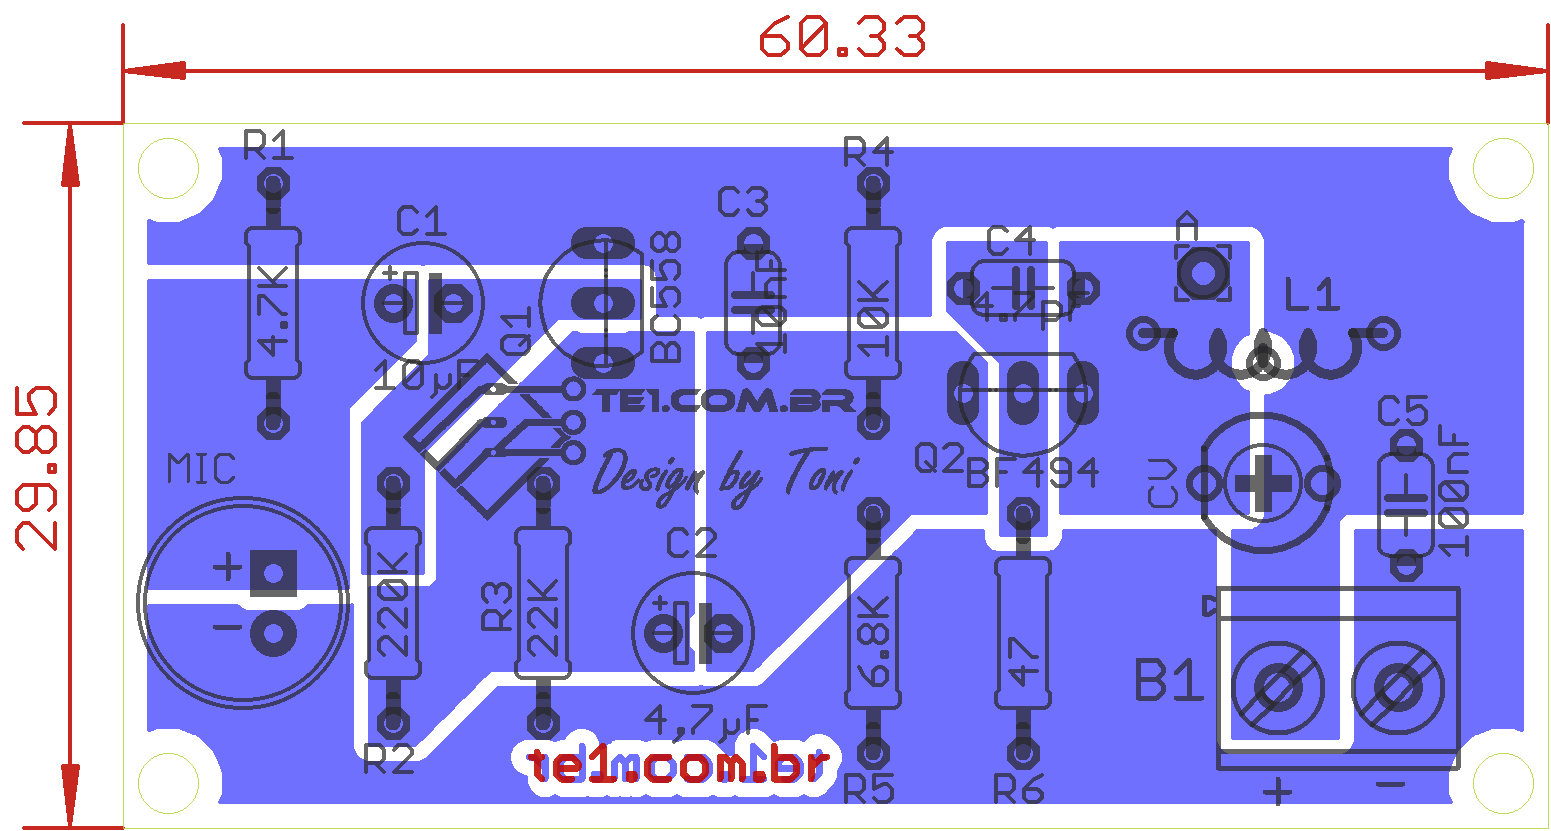 Circuito de micro transmissor de FM espião com bf494 - com etapa pré amplificadora de áudio - ultra sensível